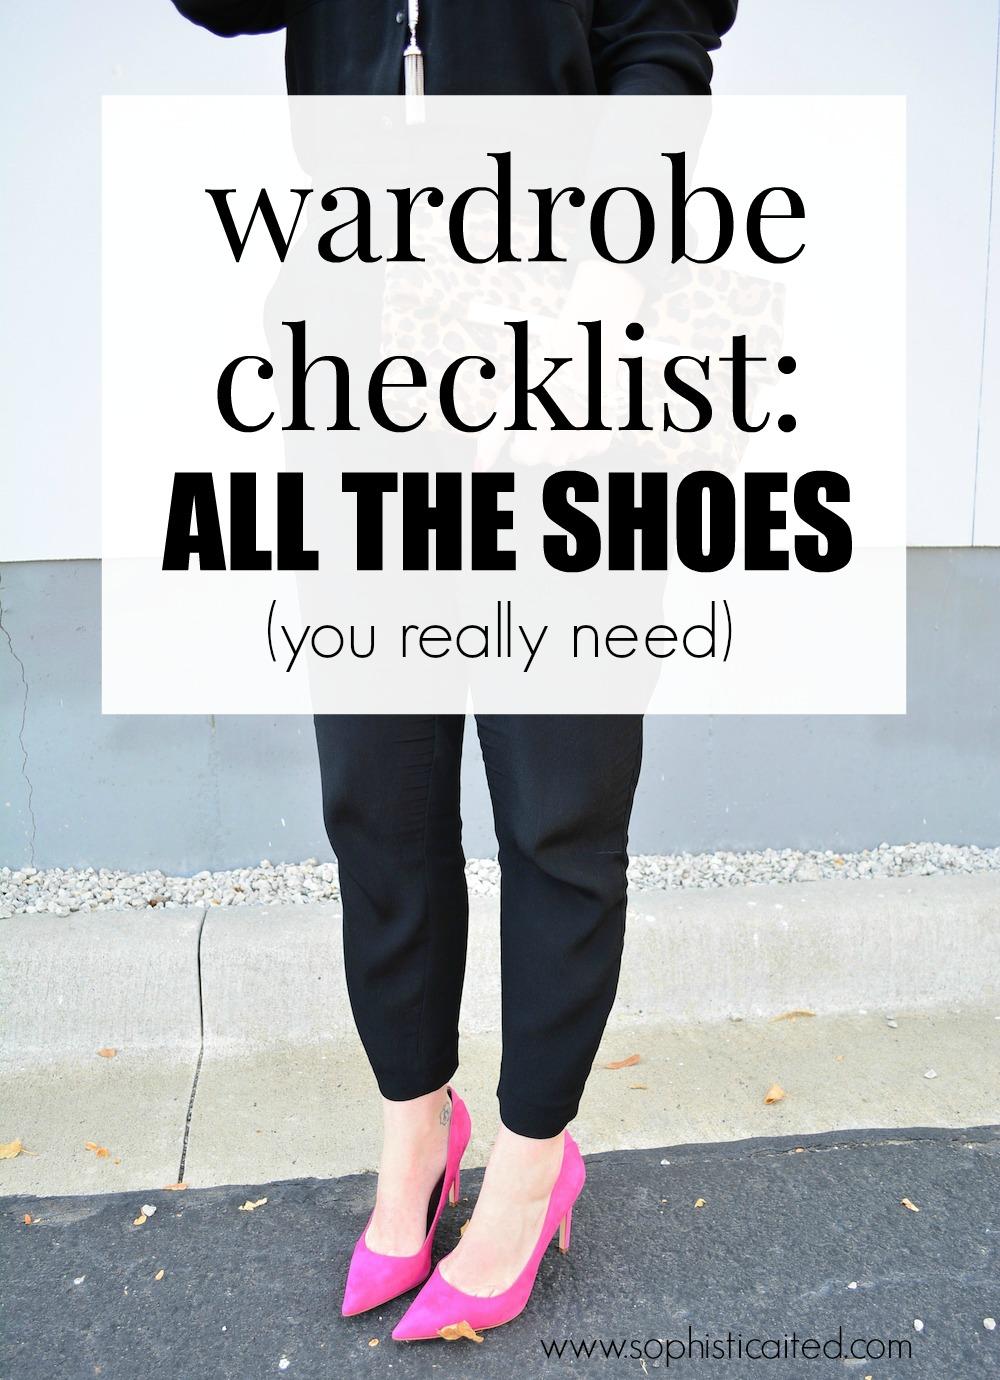 Wardrobe Checklist: SHOES